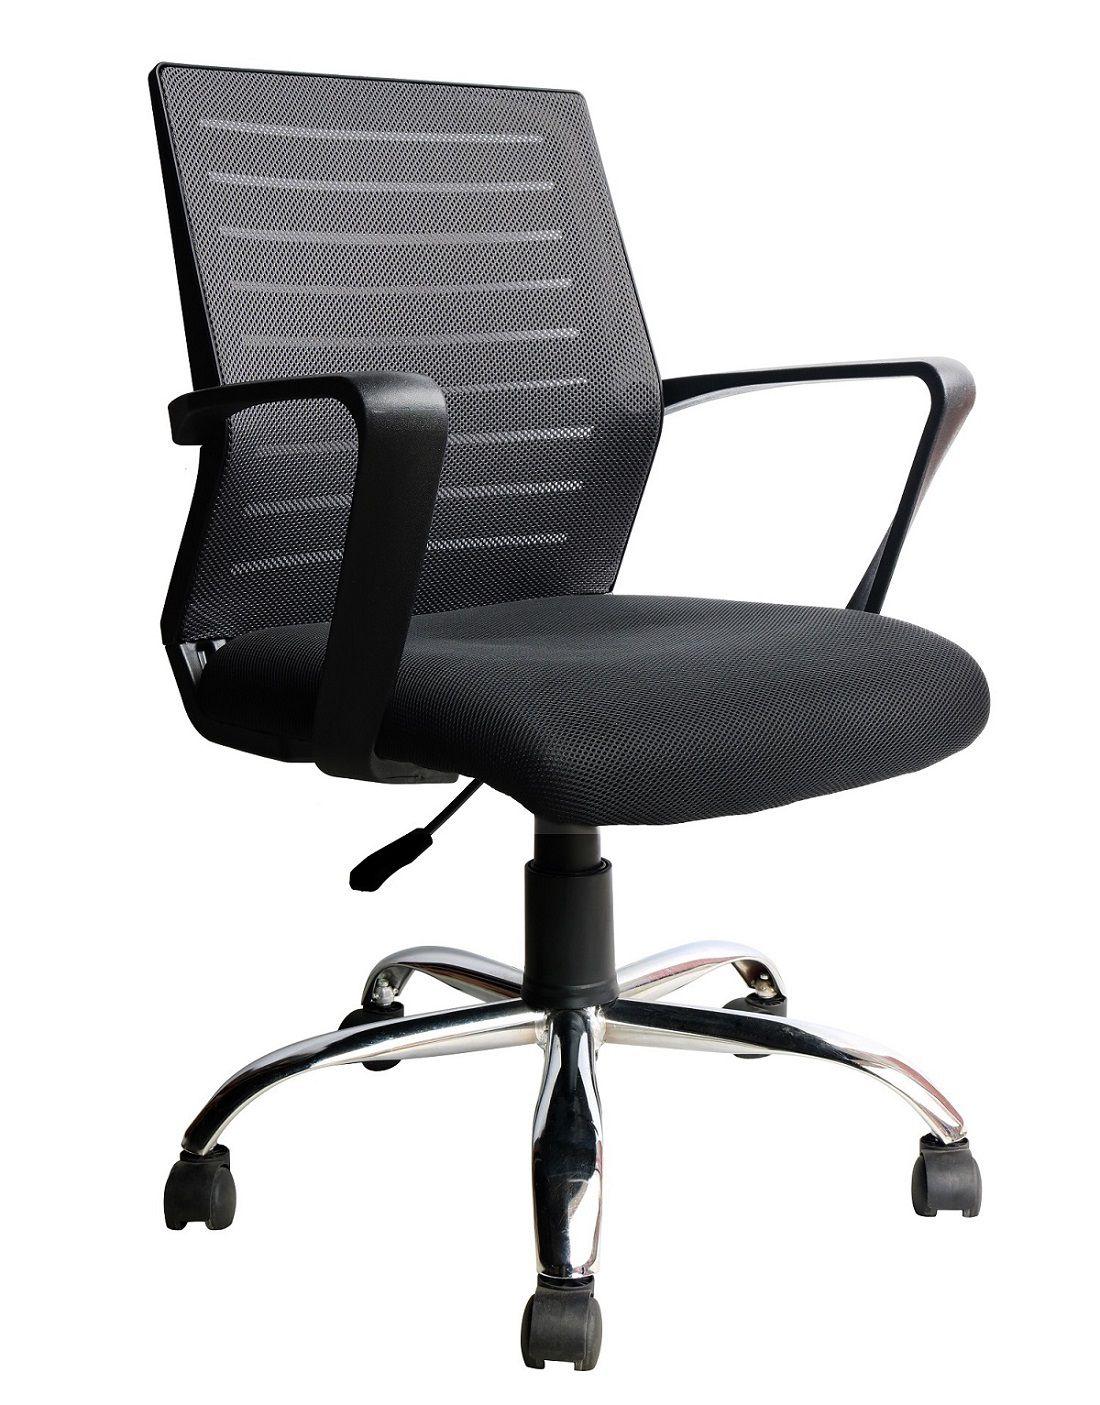 Conjunto com 1 Cadeira Diretor e 2 Cadeiras Interlocutor Pelegrin PEL-8501 Tela Mesh Preta